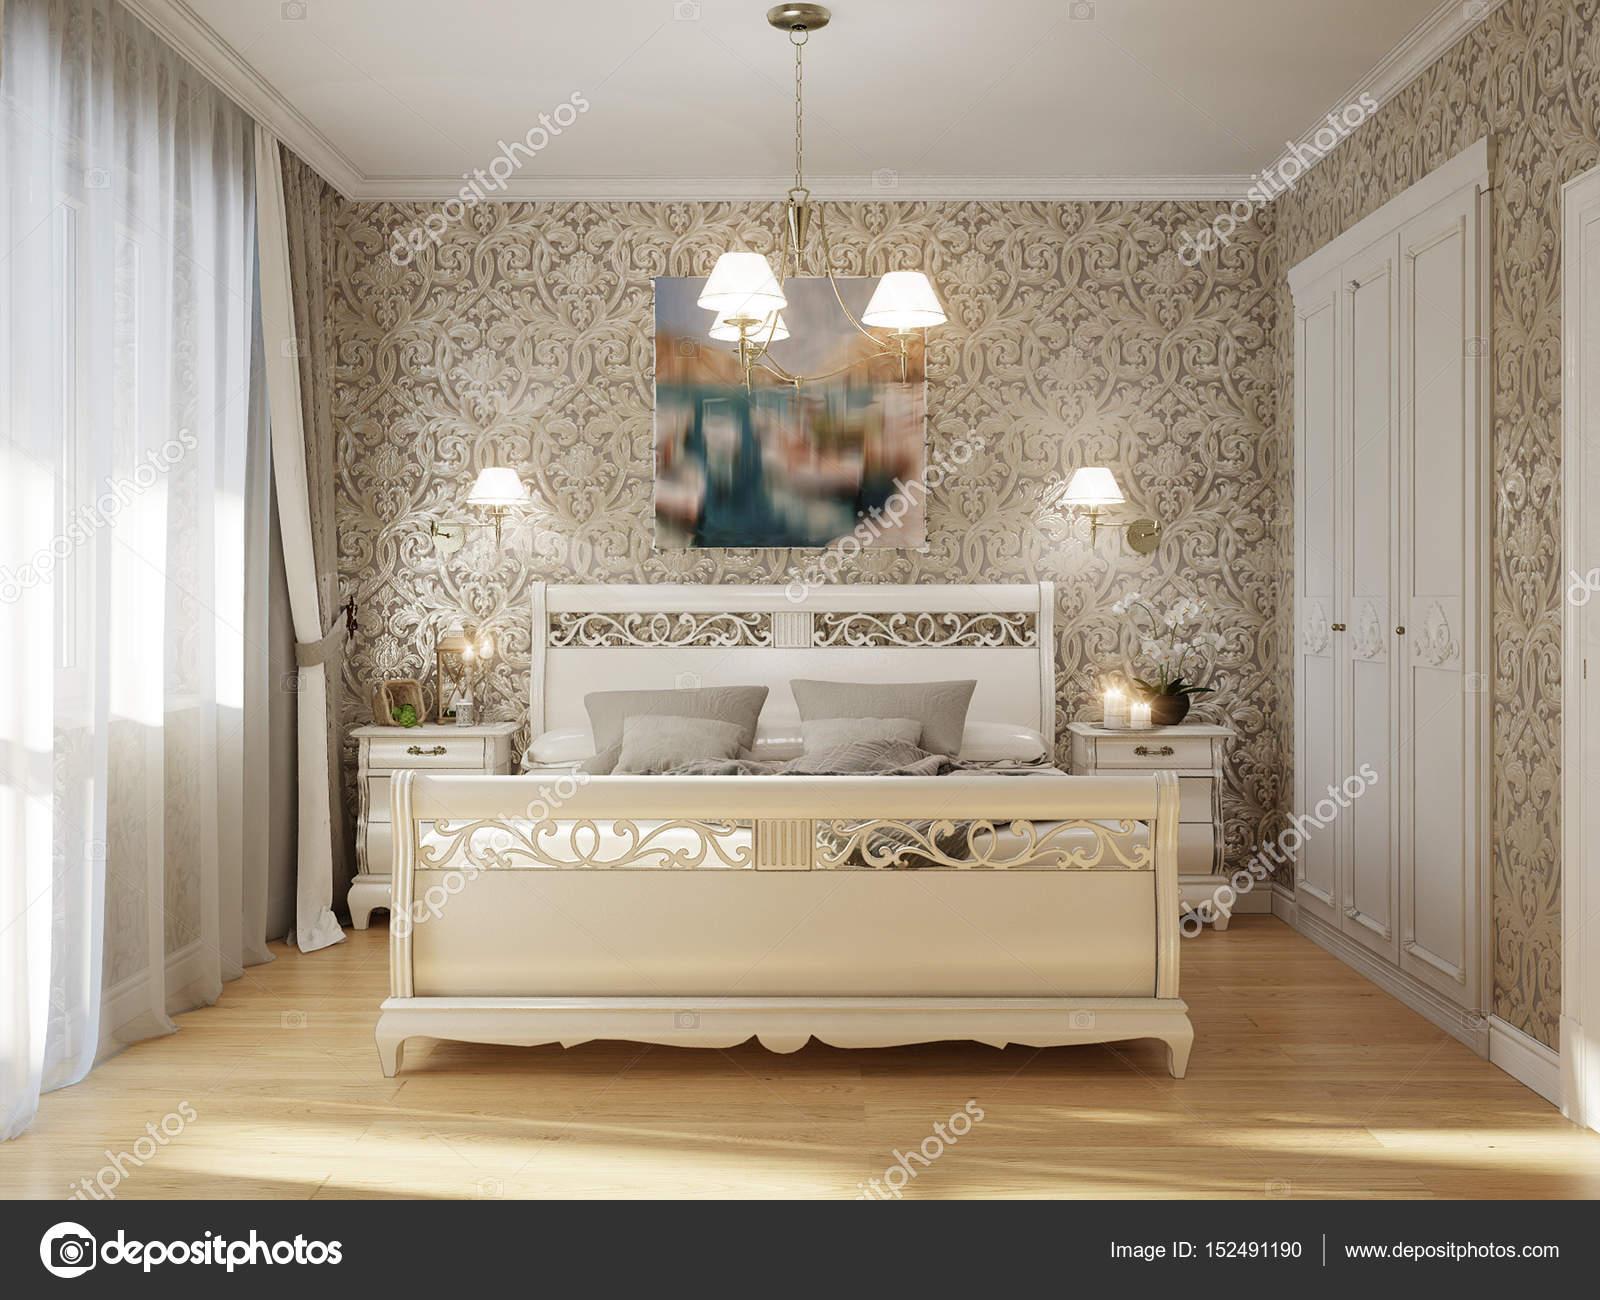 Camera Da Letto Contemporanea Classica : Camera da letto classica tradizionale interior design u foto stock